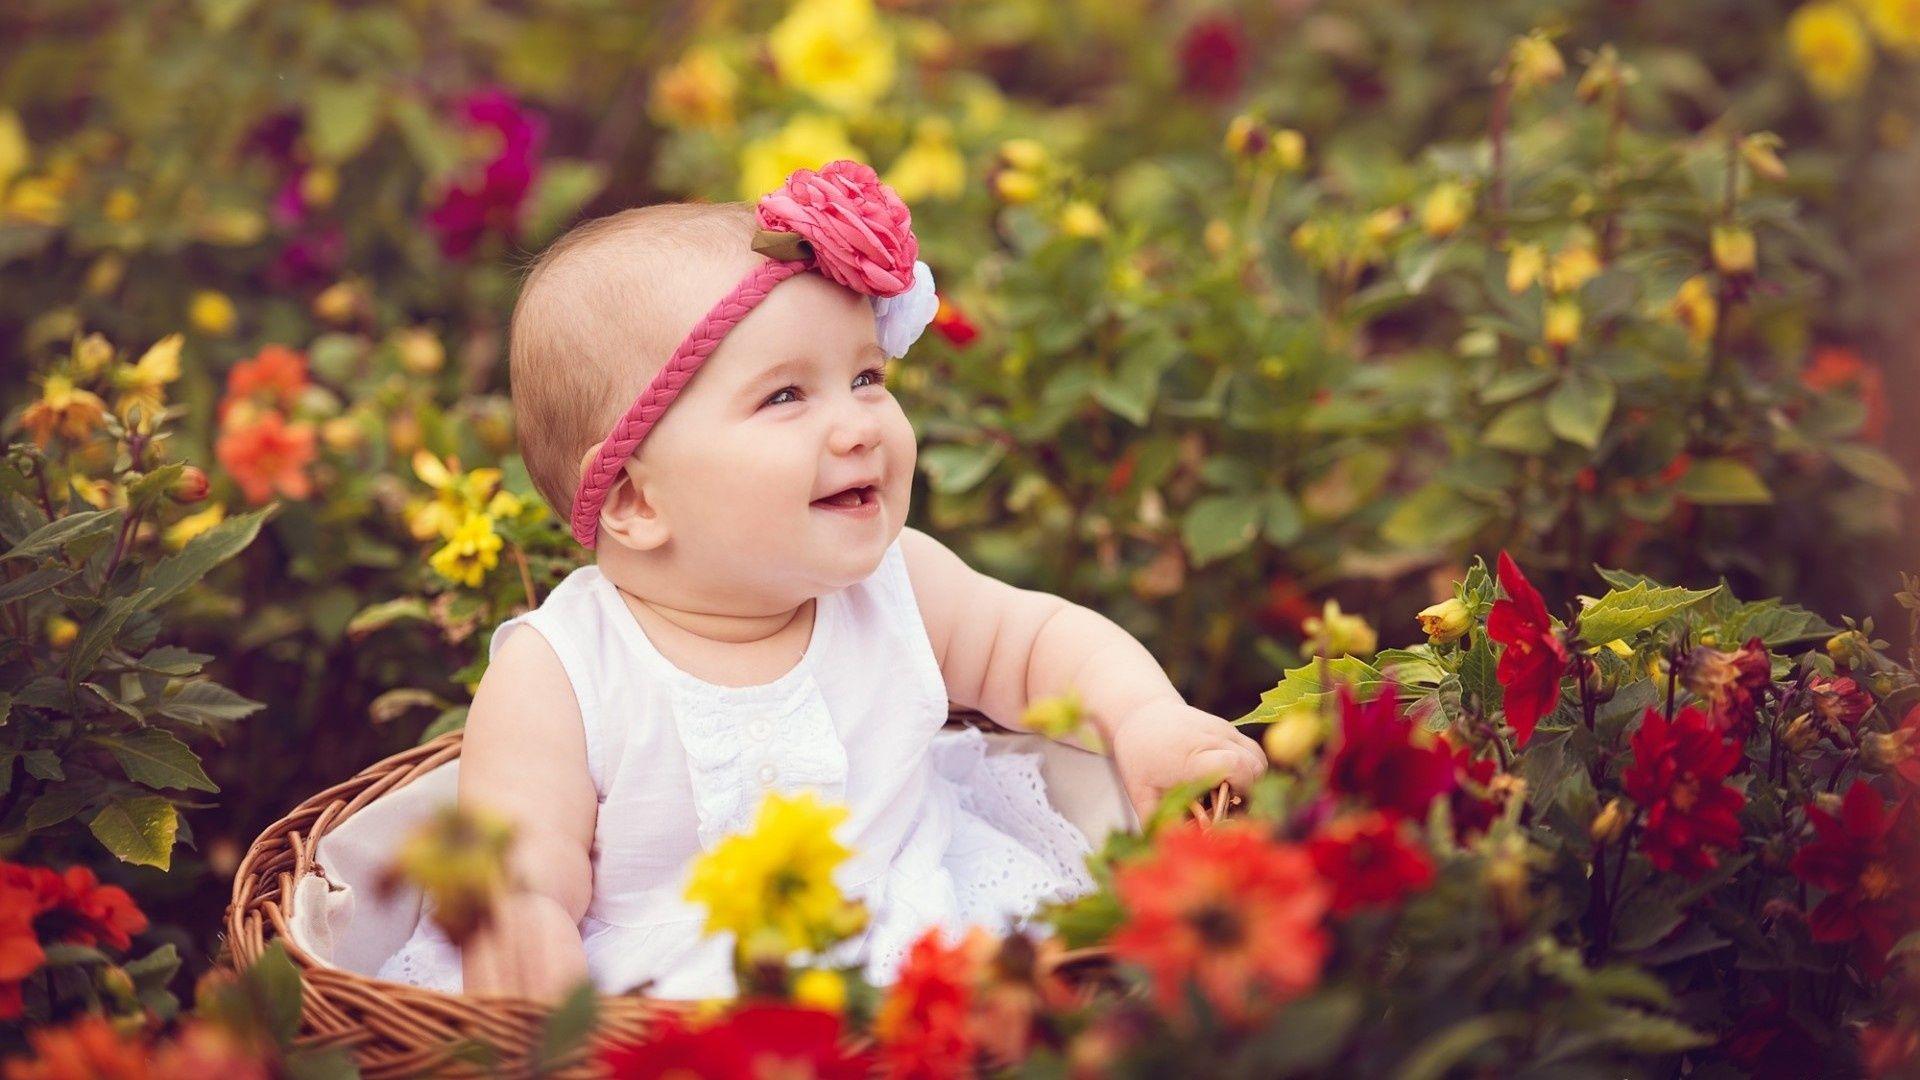 Cutest Baby Girl HD Wallpapers Cap Pinterest Hd wallpaper